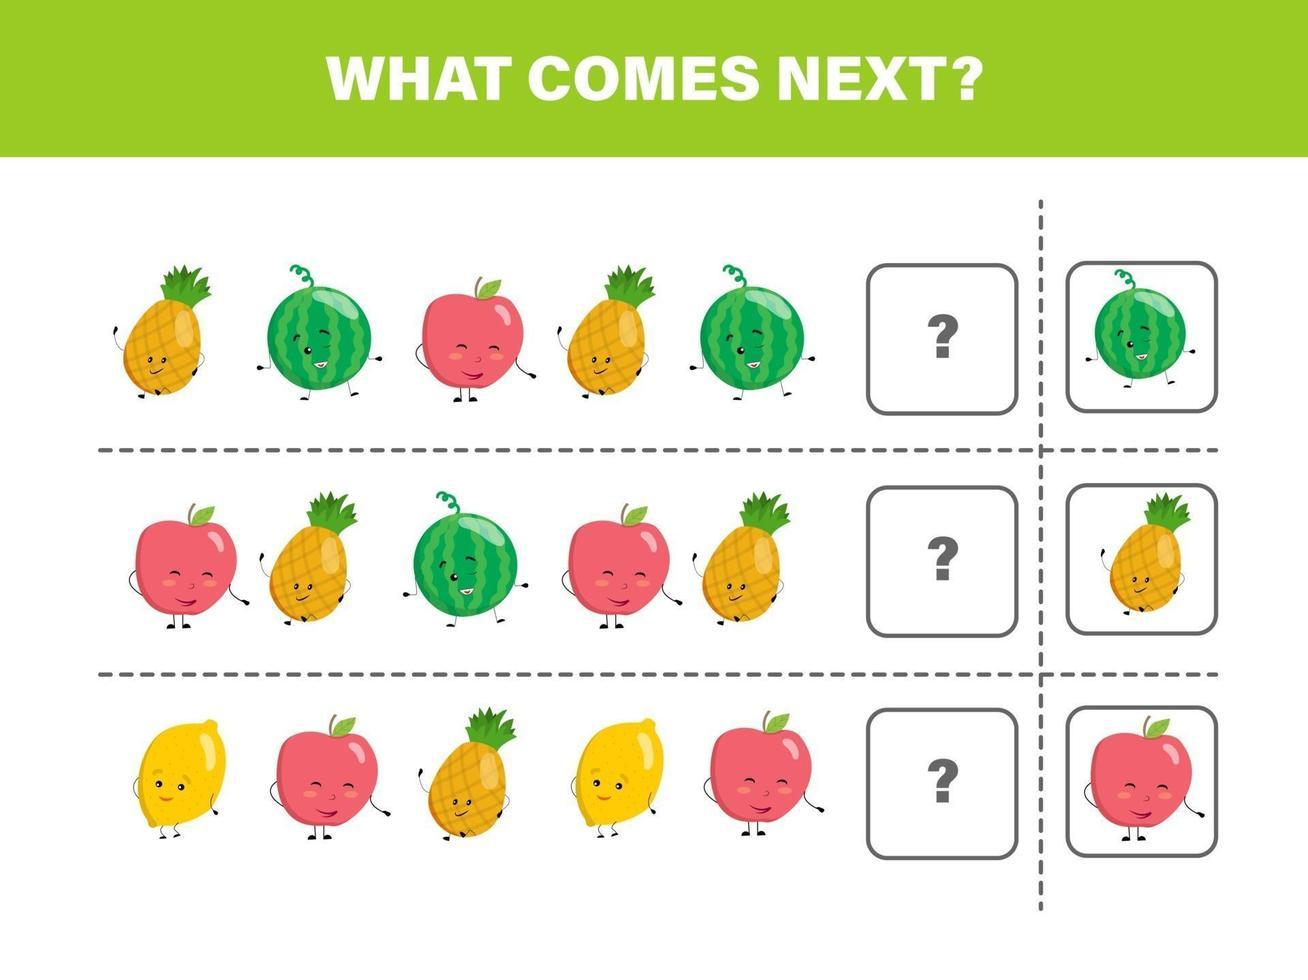 ce qui vient ensuite avec des fruits mignons. illustration vectorielle de dessin animé. feuille de calcul logique pour les enfants. vecteur